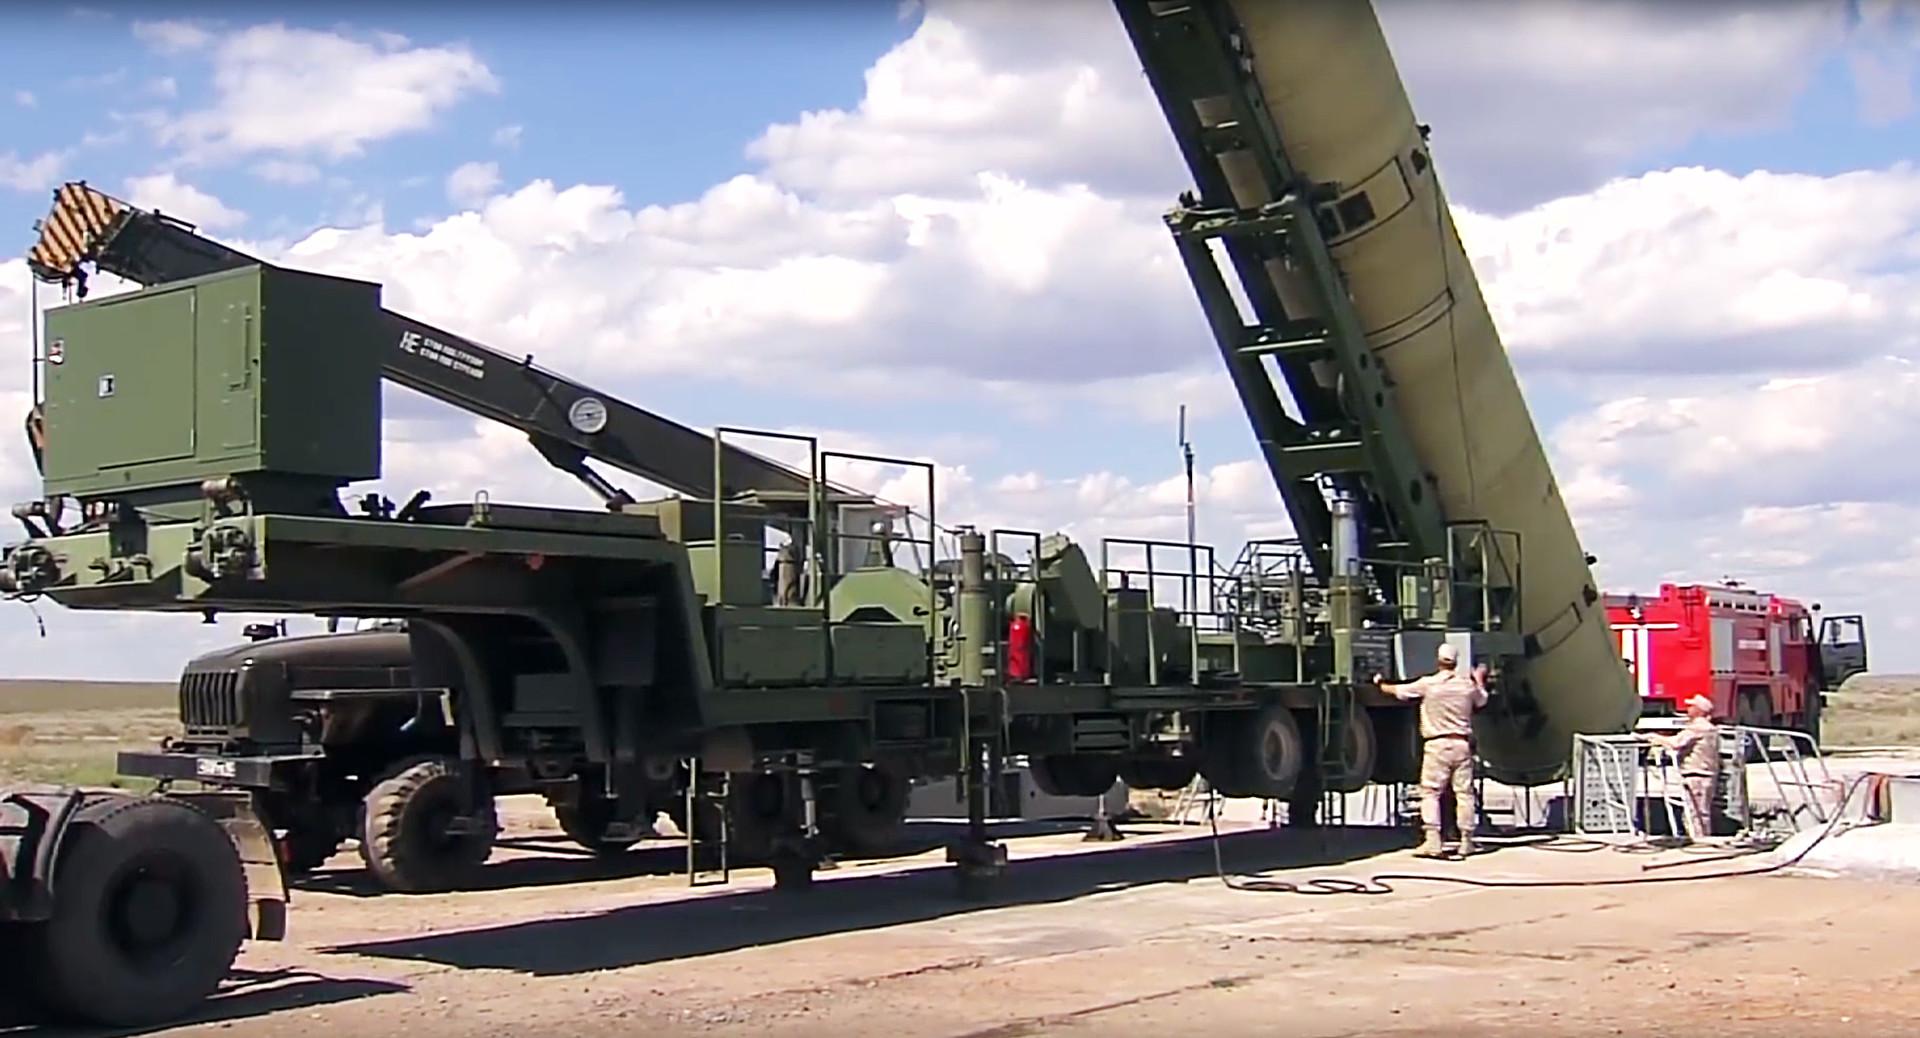 ビデオのスクリーンショットはロシア国防省が提供。